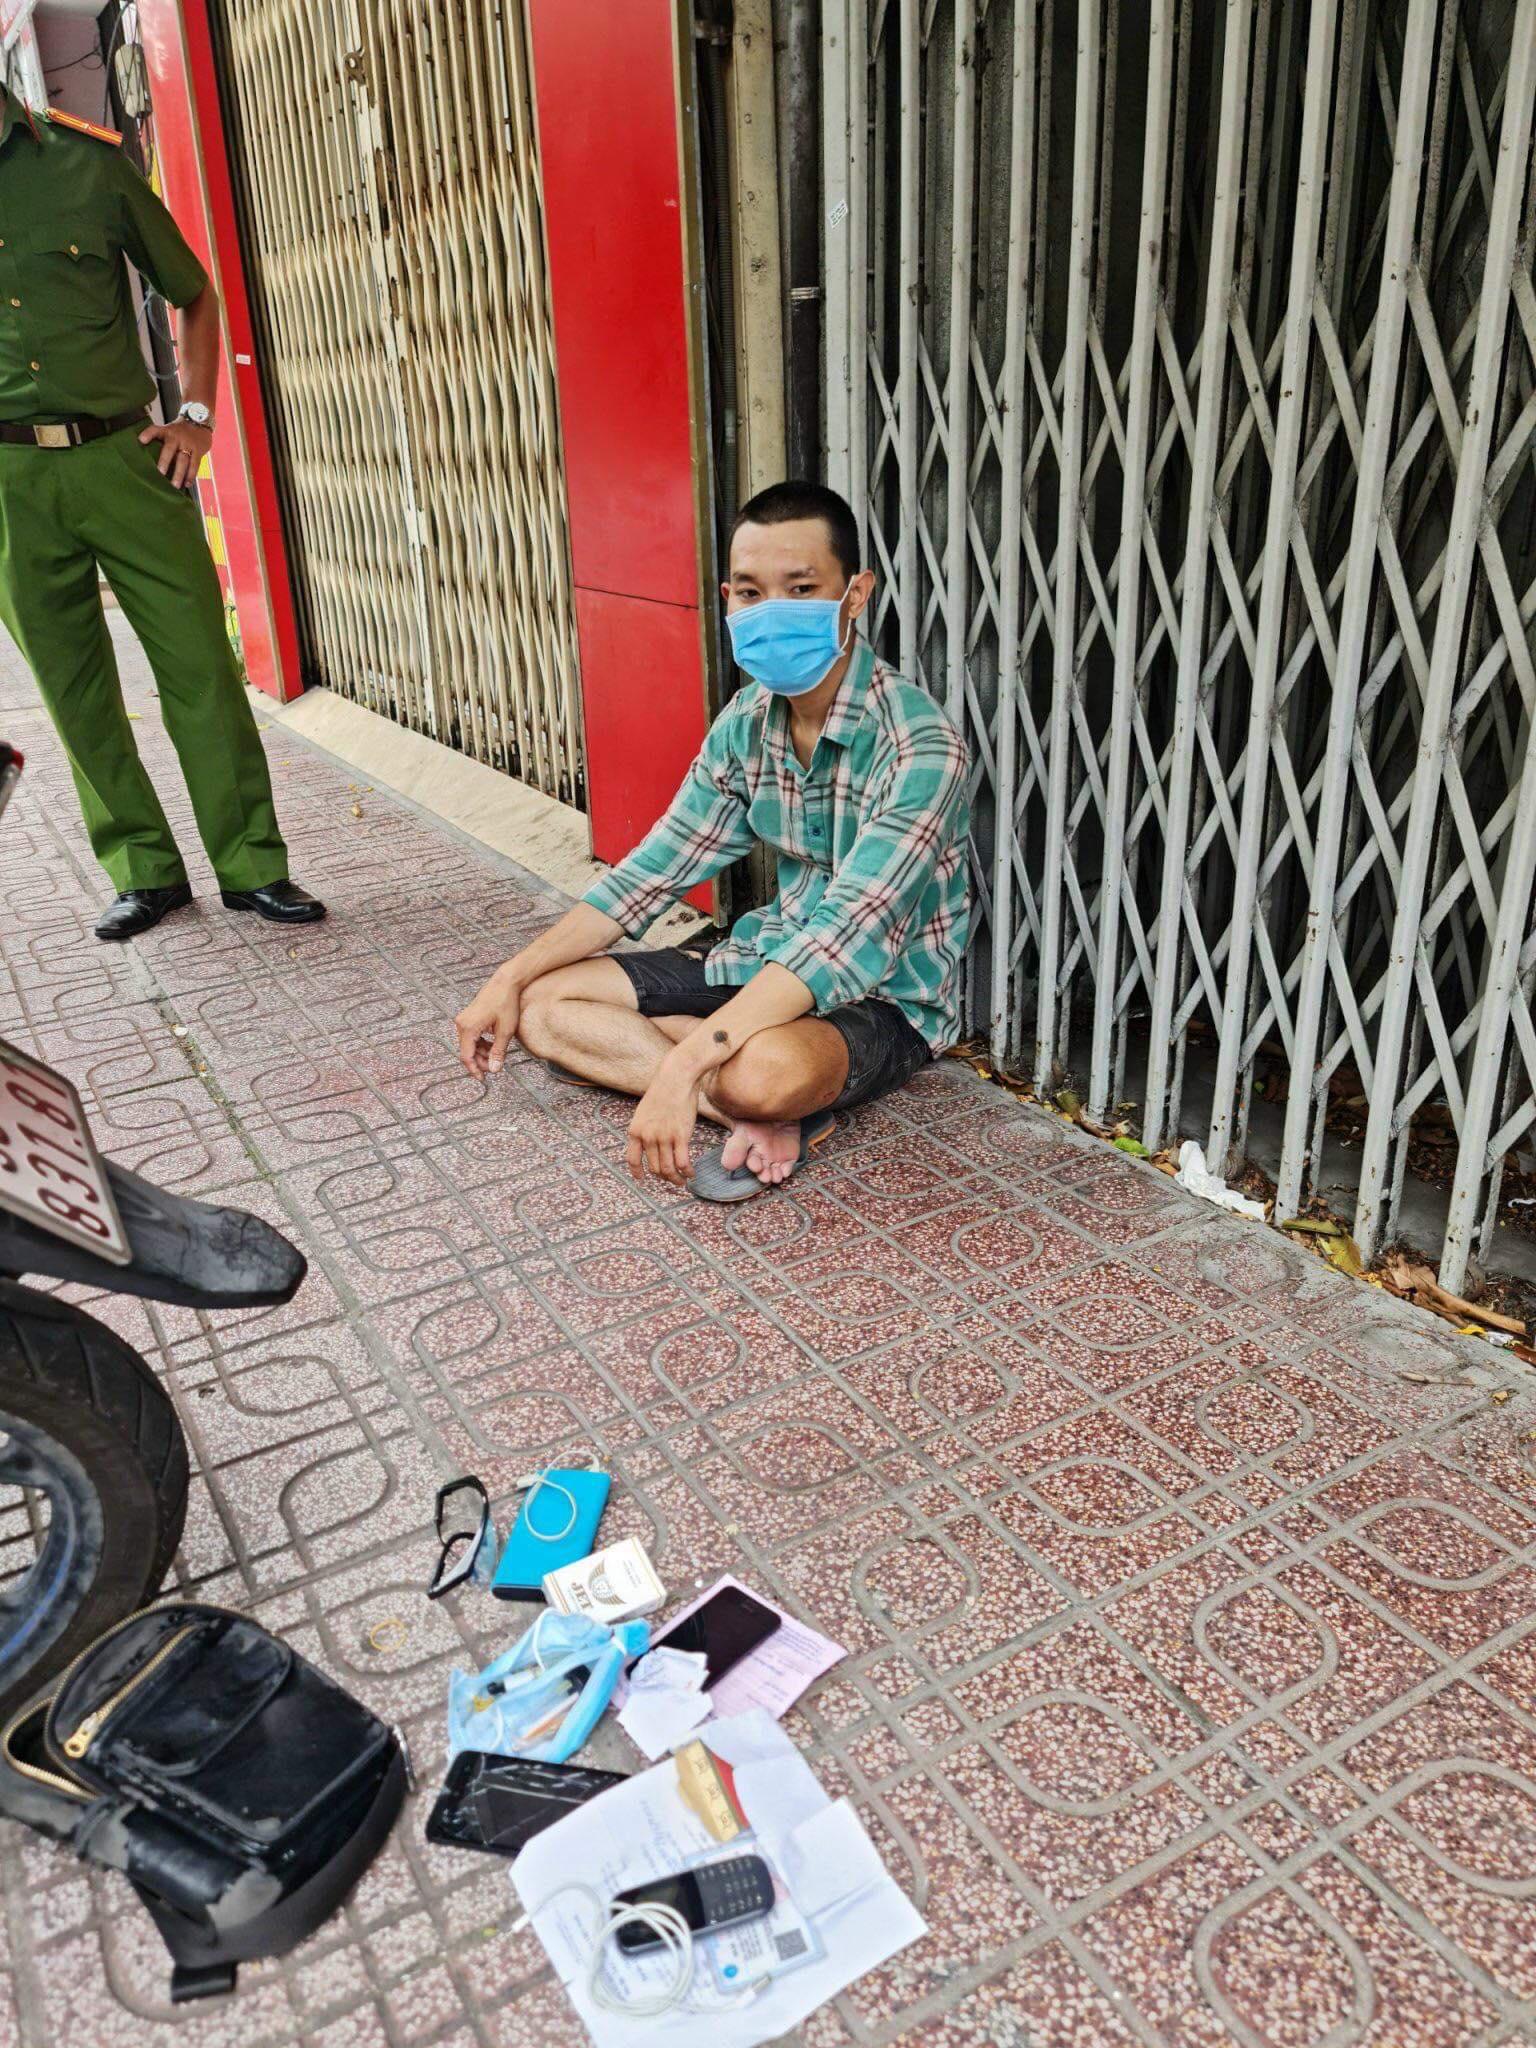 TP.HCM: Thanh niên ra đường cướp giật trong lúc giãn cách xã hội, âm tính với SARS-CoV-2 nhưng dương tính ma túy - Ảnh 1.